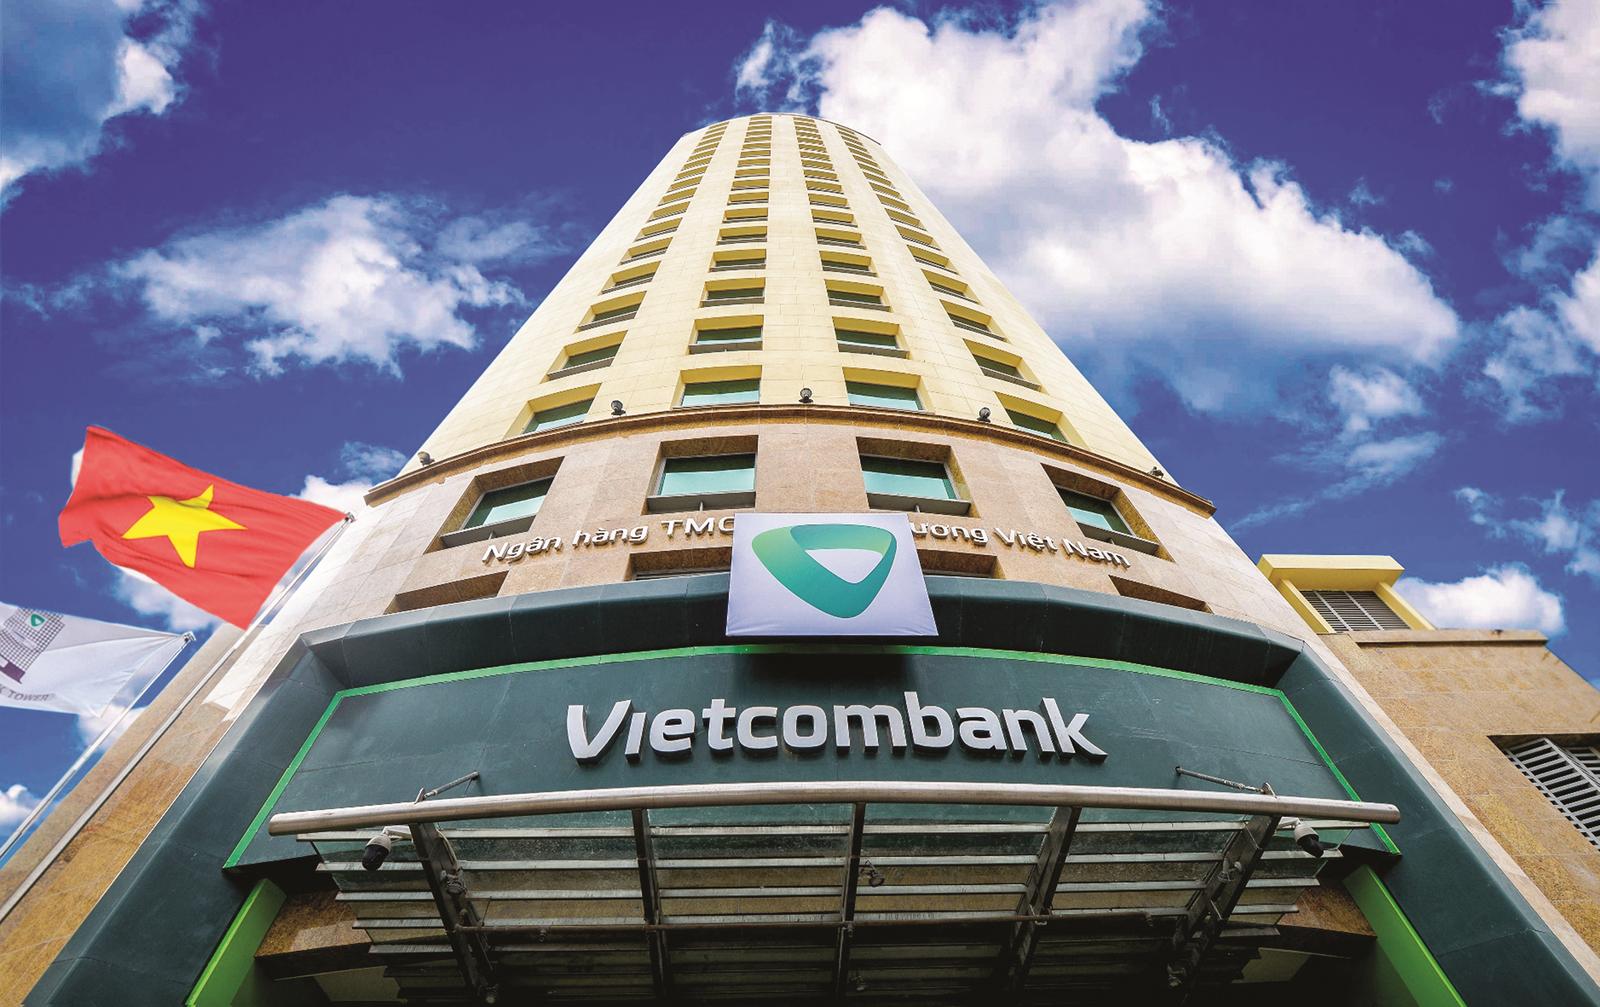 Vietcombank tăng mạnh vị trí trongbảng xếp hạng 500 thương hiệu ngân hànglớn nhất toàn cầu